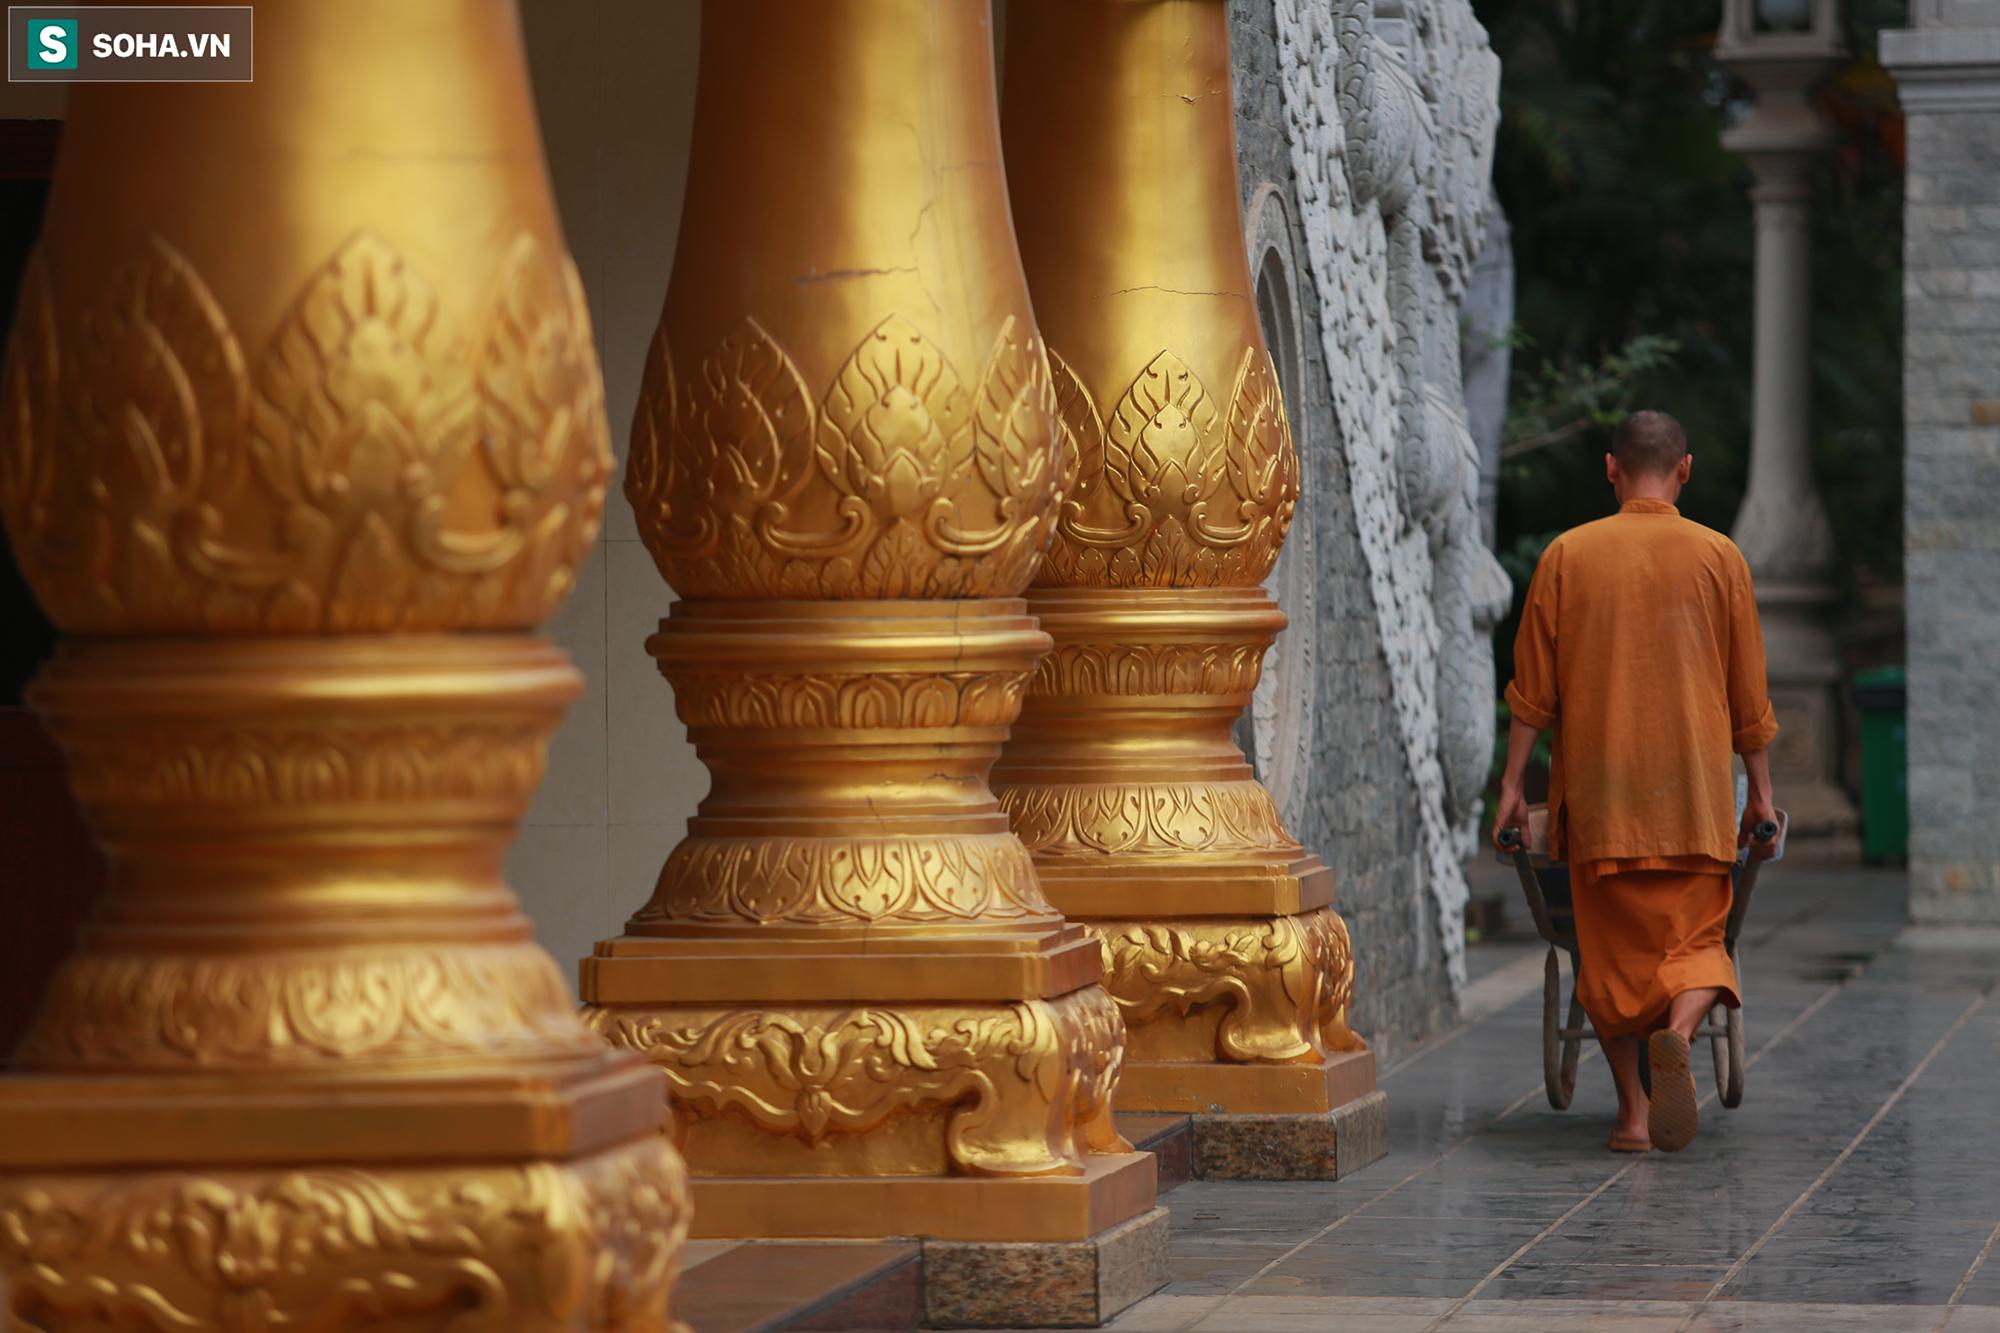 [Ảnh] Ngắm vẻ đẹp huyền bí của ngôi chùa lọt top đẹp nhất thế giới tọa lạc tại TP.Thủ Đức - Ảnh 8.